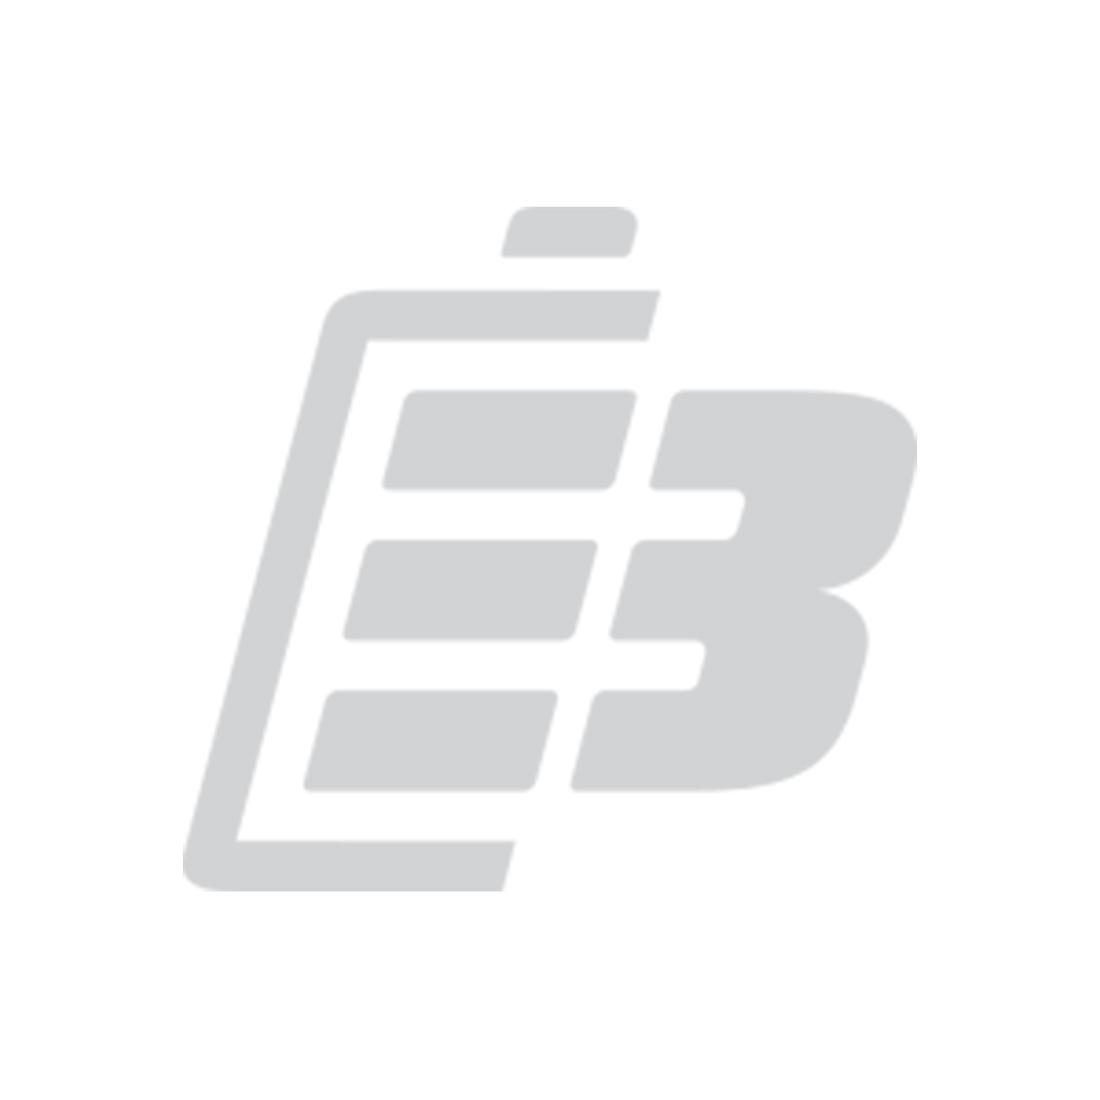 Tablet battery Asus MeMO Pad HD 7 ME175KG_1